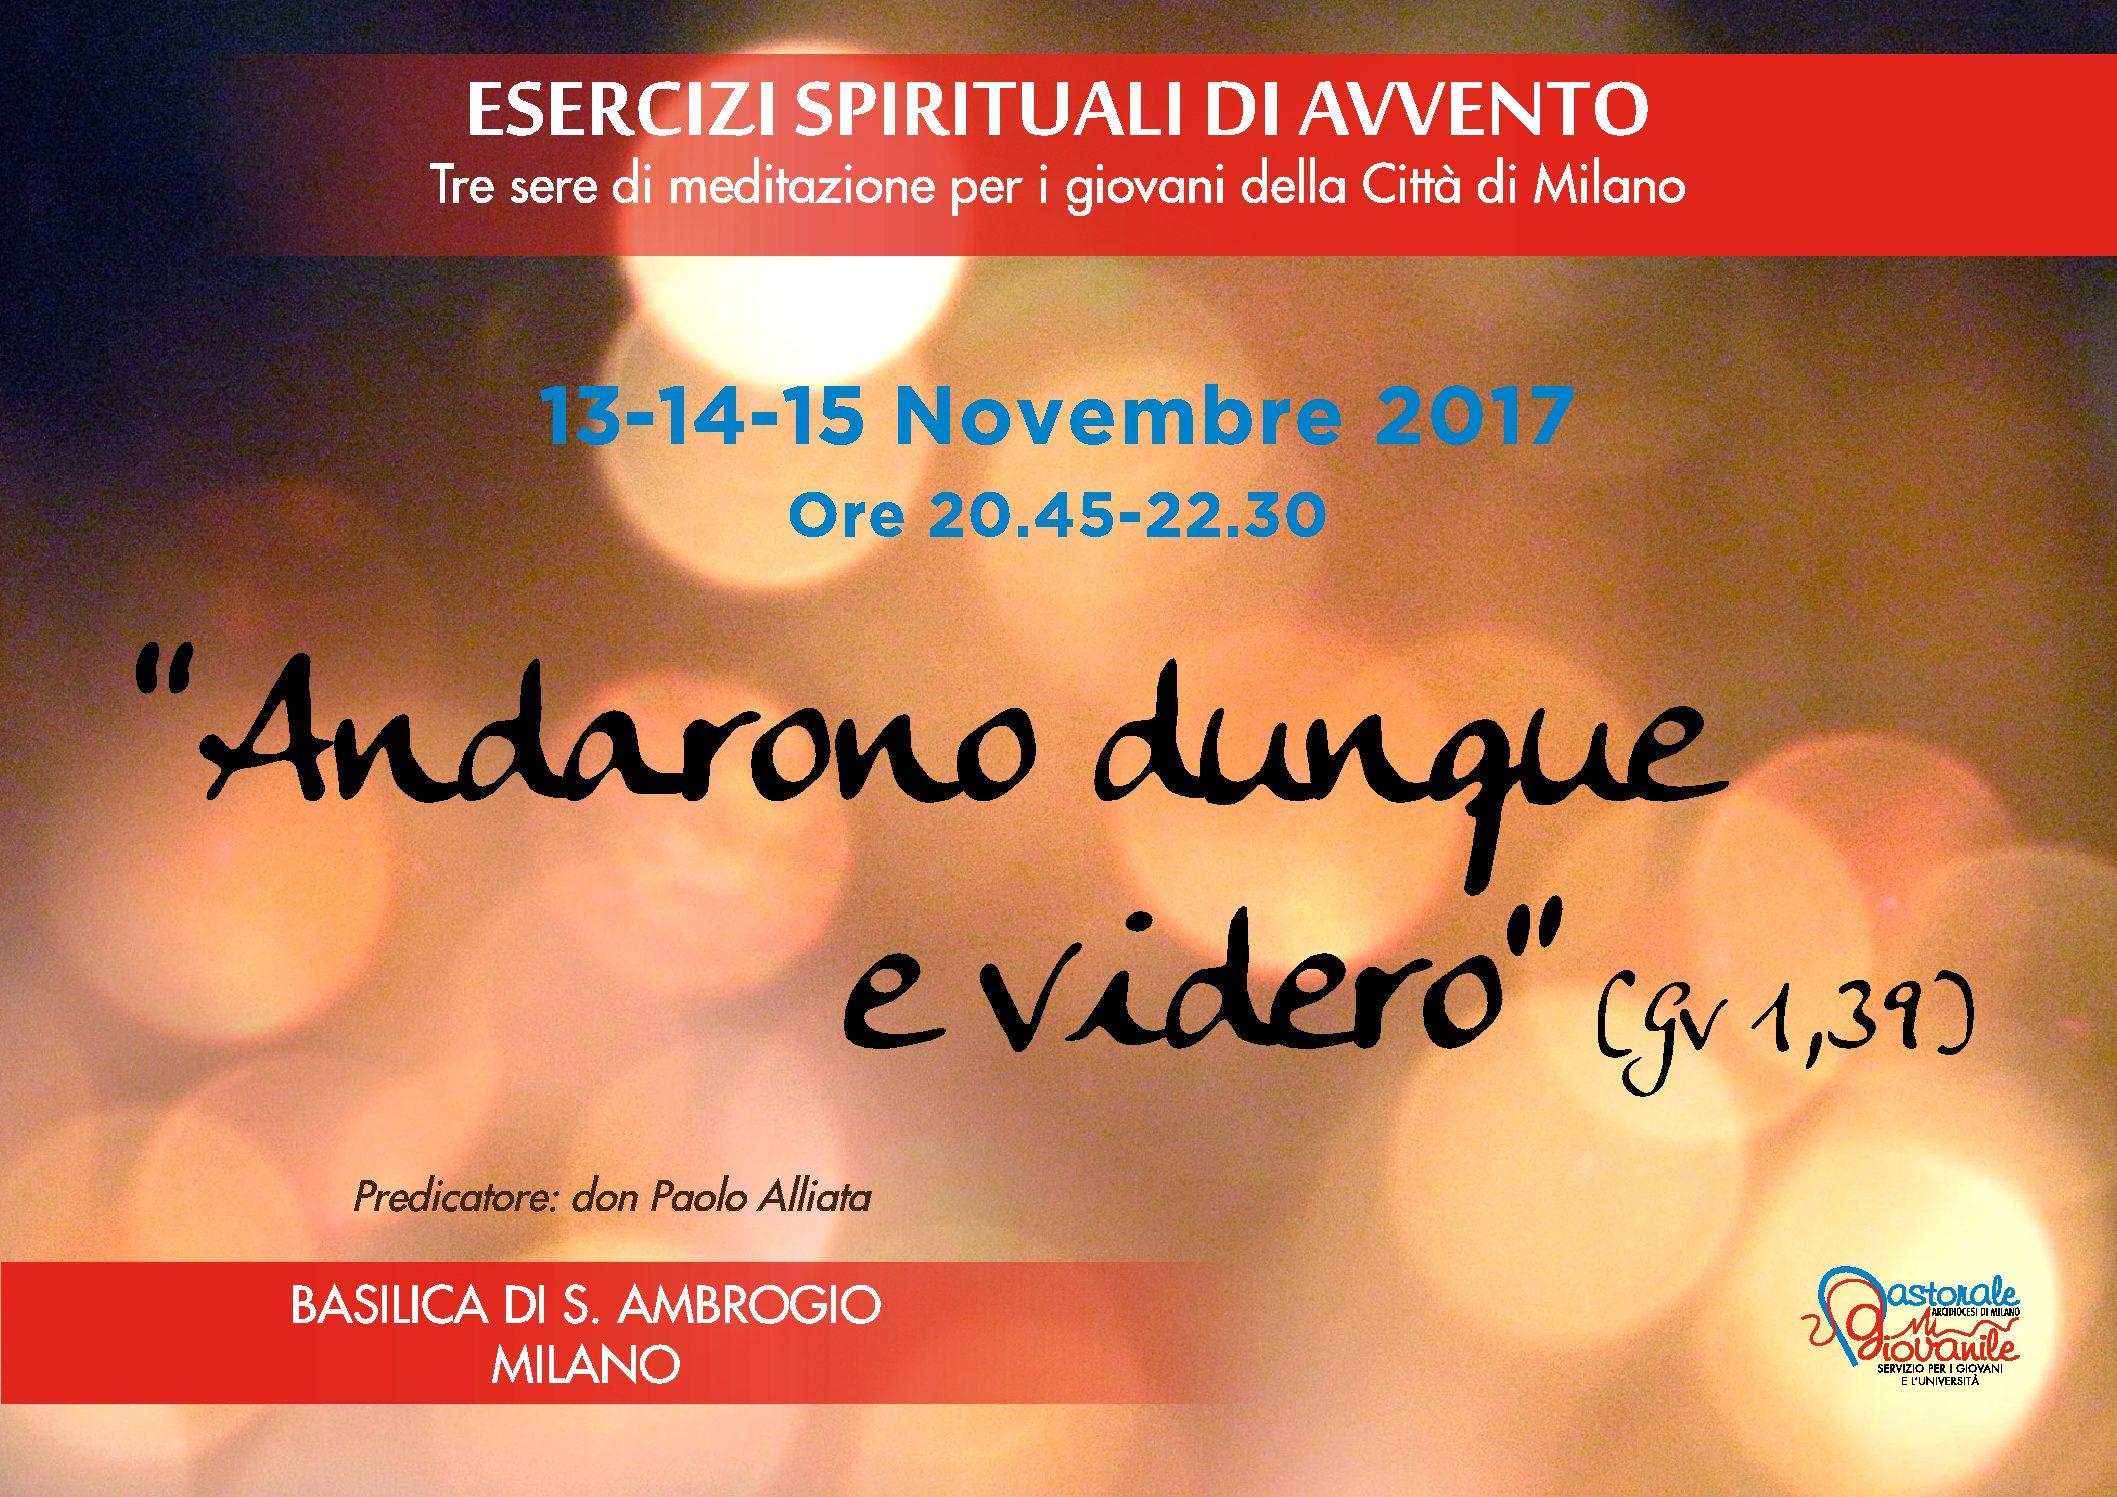 Esercizi Spirituali in S. Ambrogio